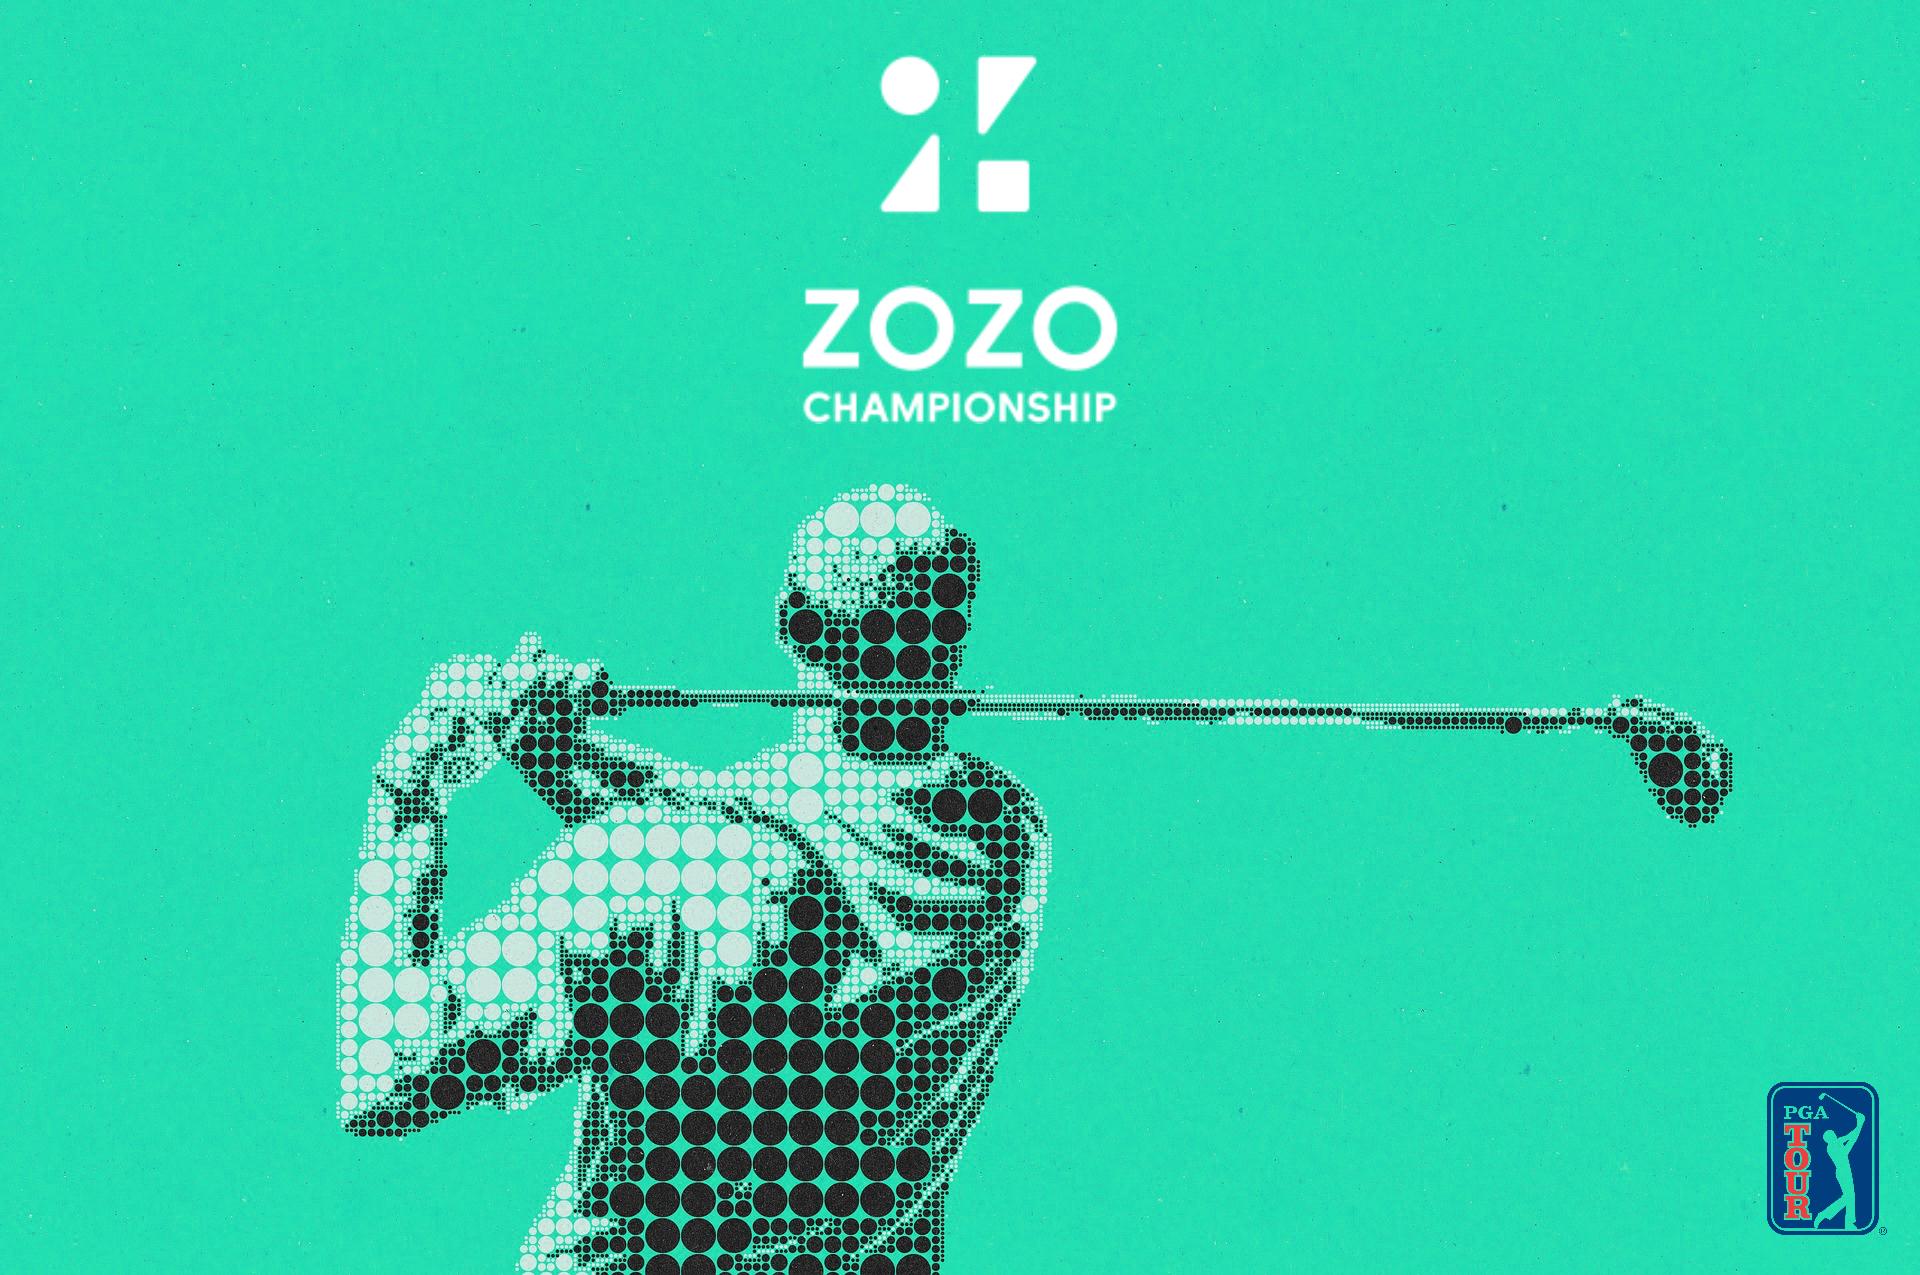 ZOZOチャンピオンシップ2020賞金配分一覧 日本勢トップは松山の28位